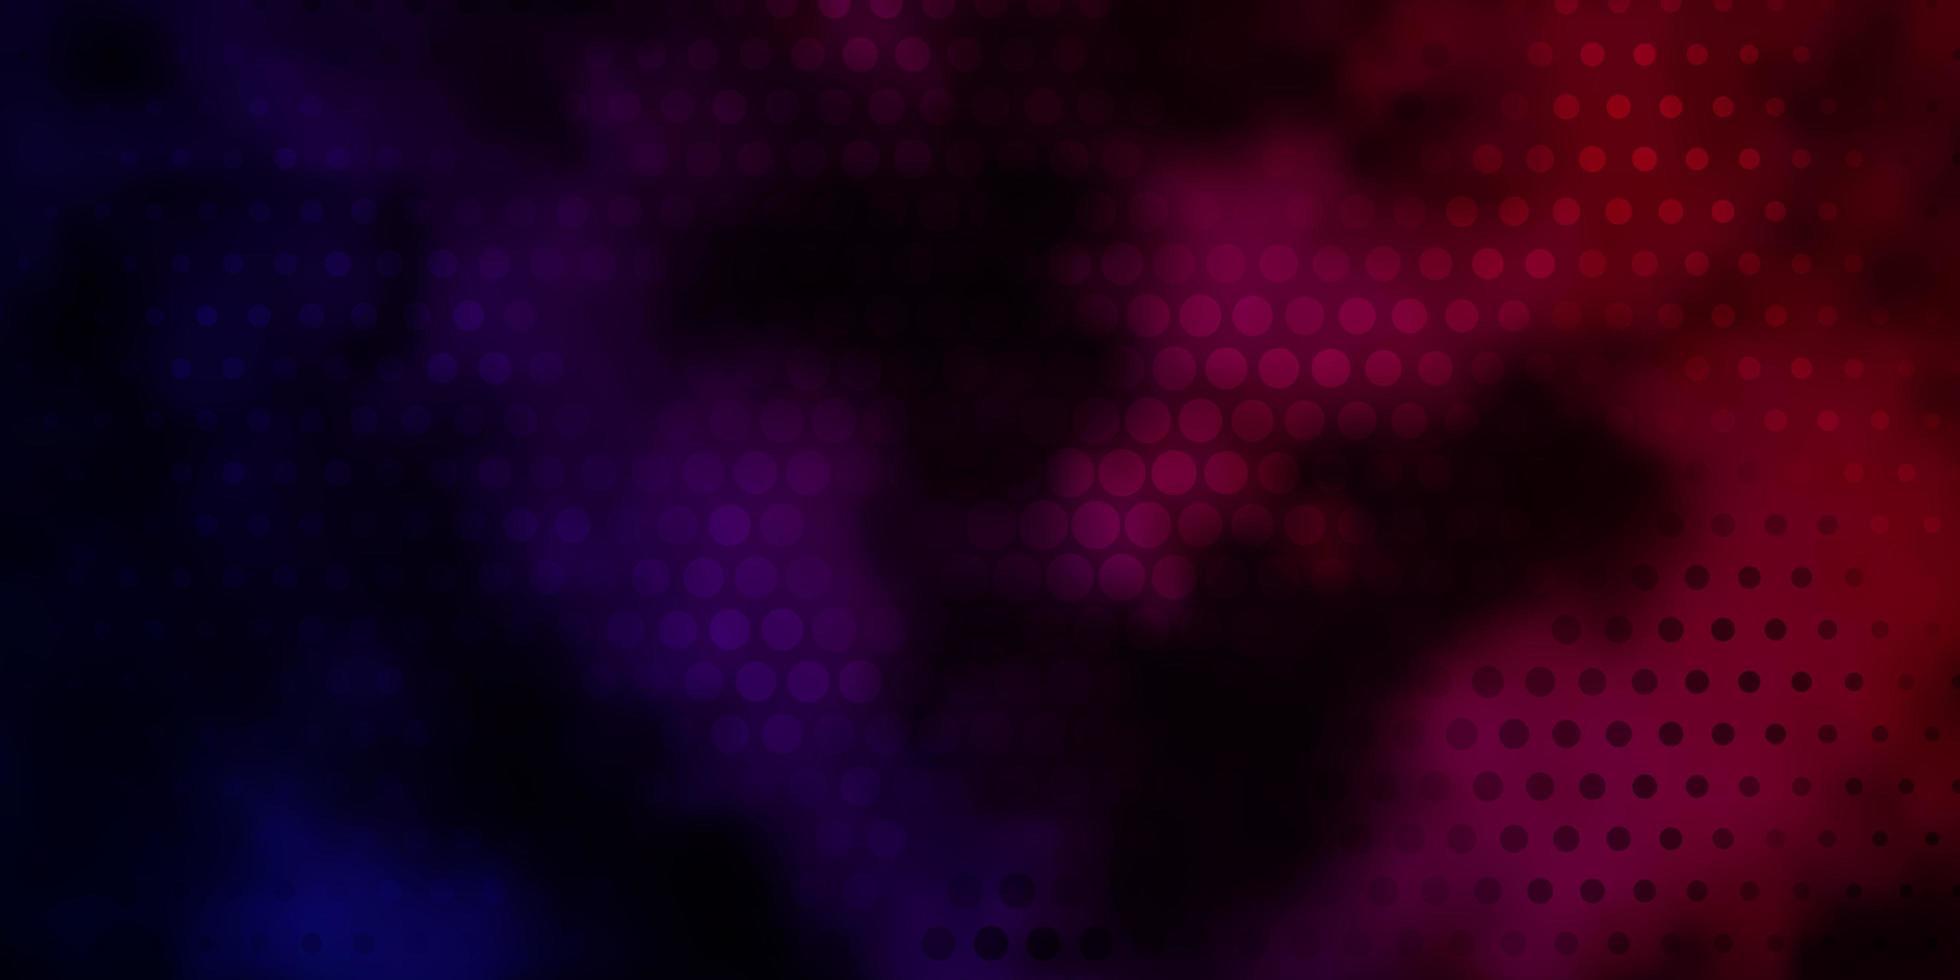 dunkelviolettes, rosa Vektormuster mit Kreisen. vektor